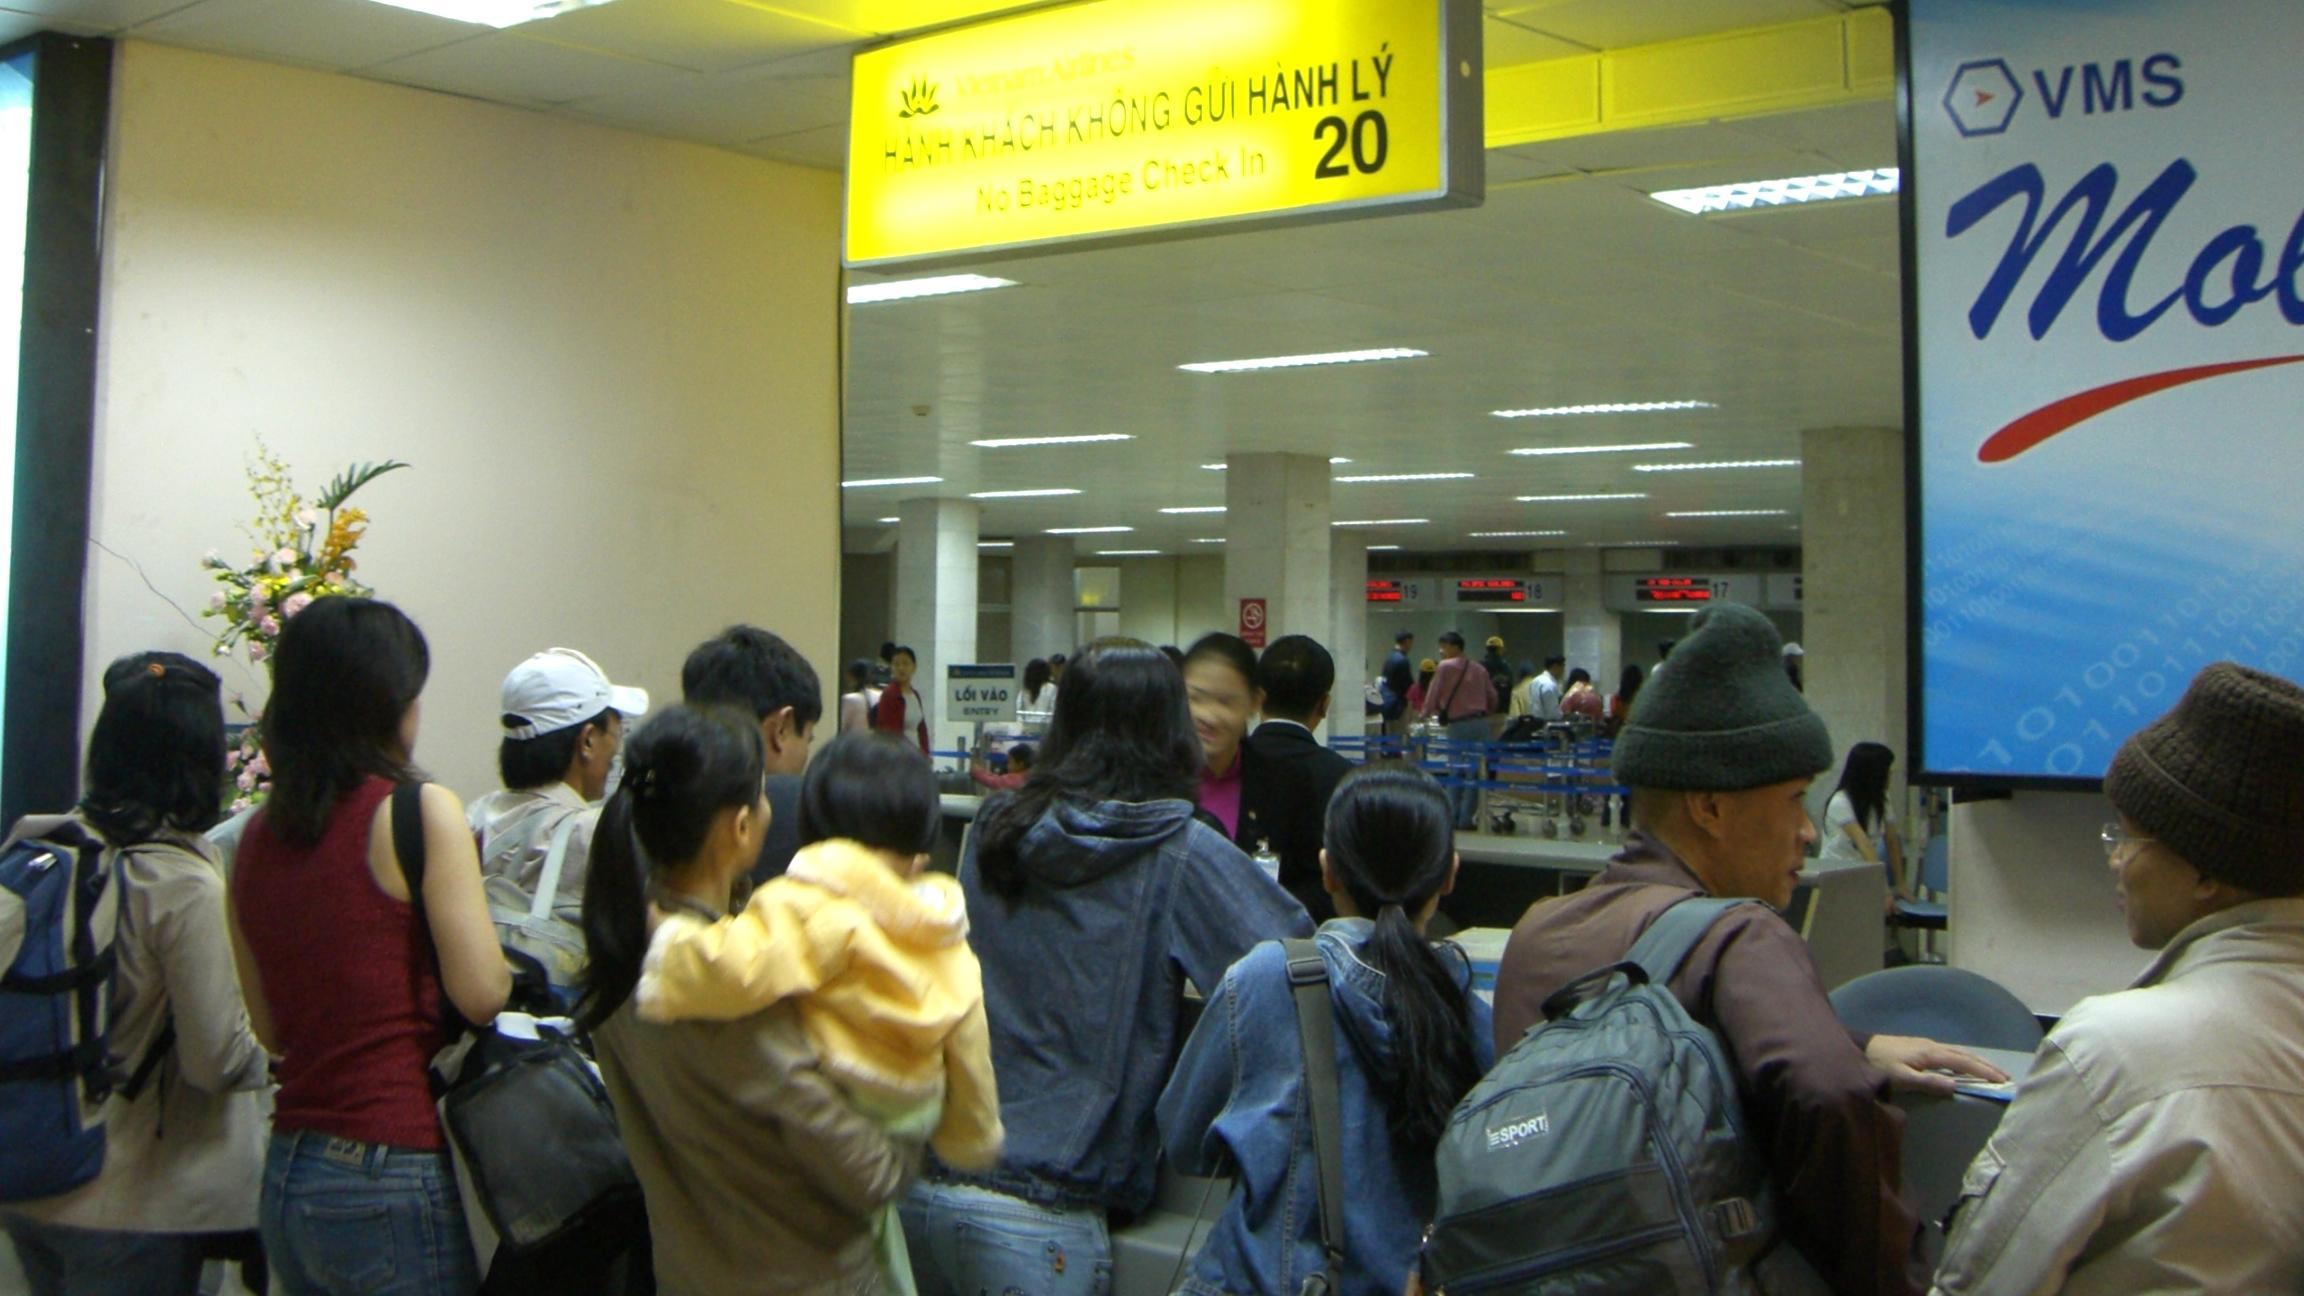 ベトナムに着いて航空券を忘れたことに気付き、大ピンチ!